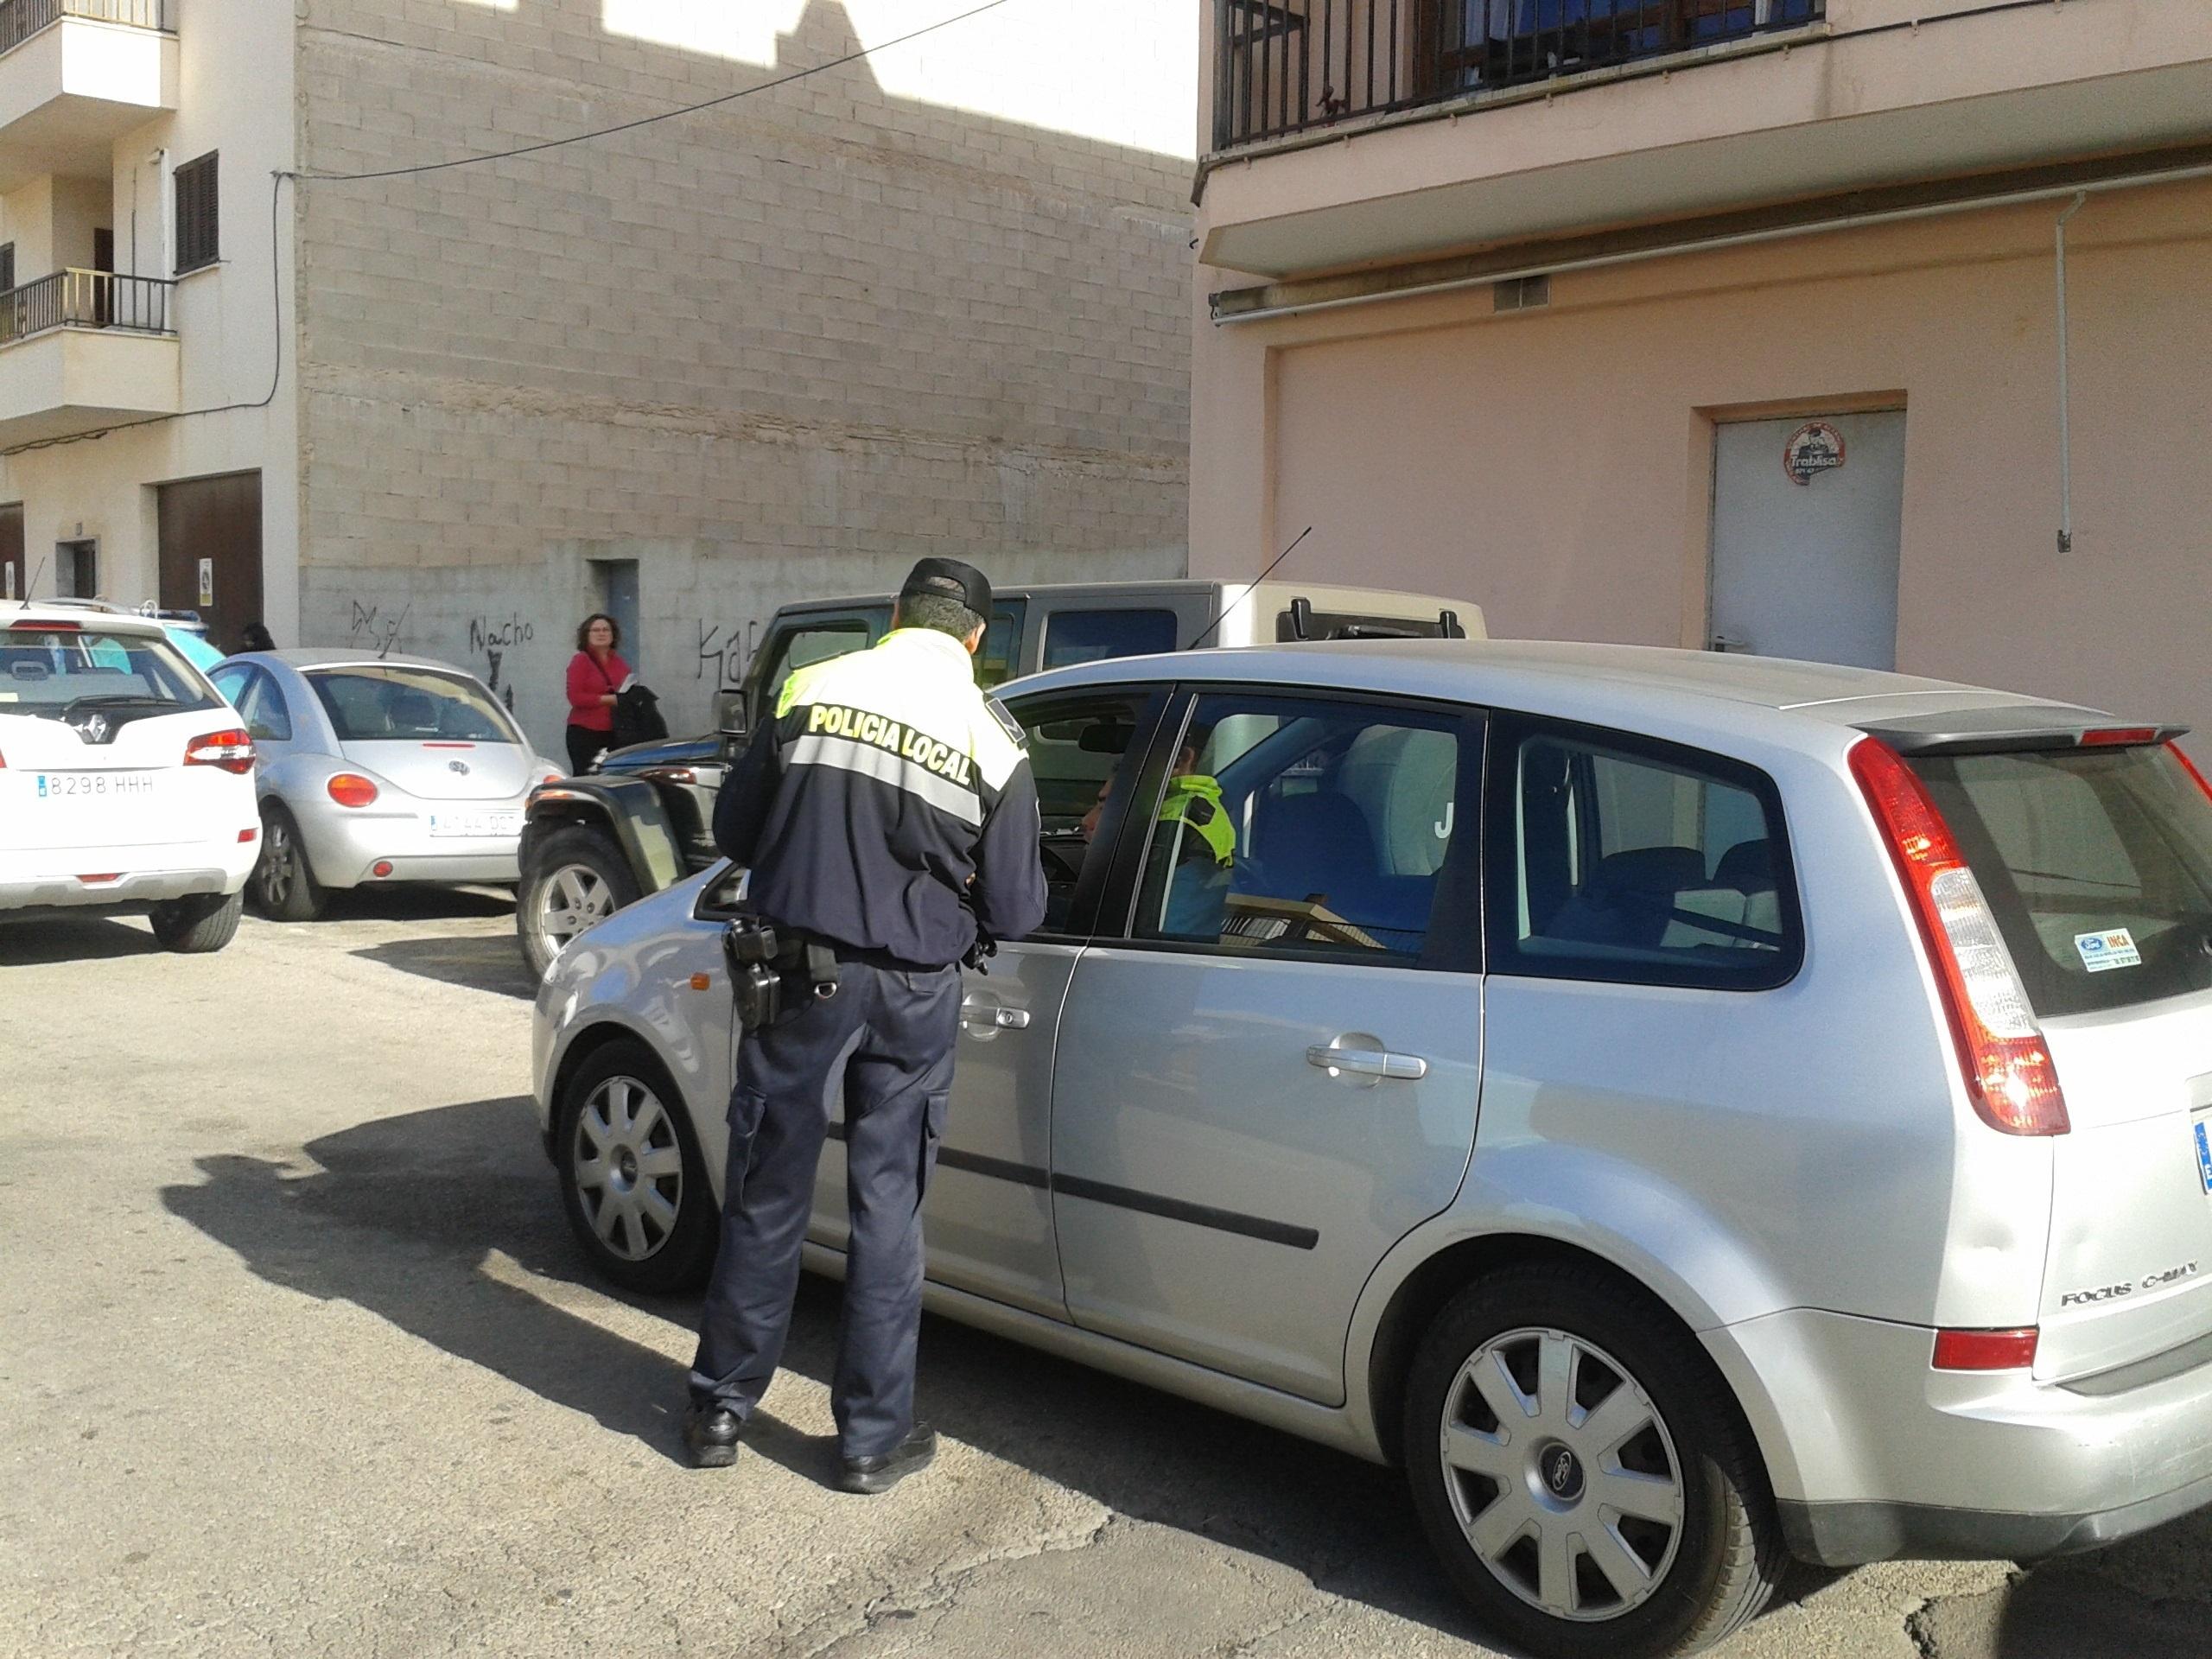 Cerca del 84% de los vehículos lleva sistemas de retención infantiles de manera correcta en Mallorca